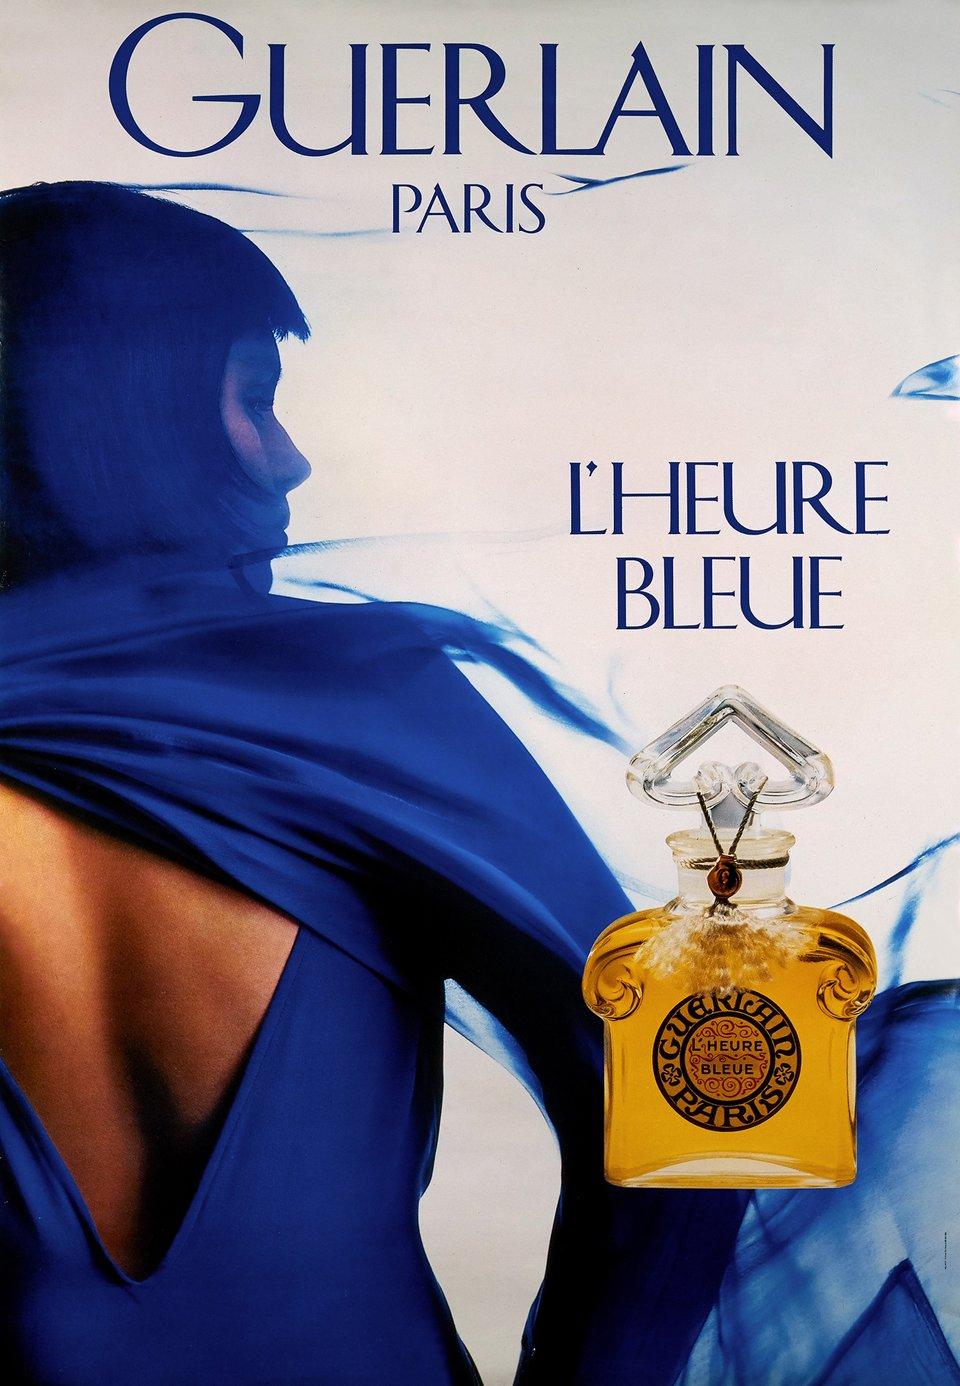 lheure-bleue-guerlain-paris-37582-france-vintage-poster.jpg.960x0_q85_upscale.jpg